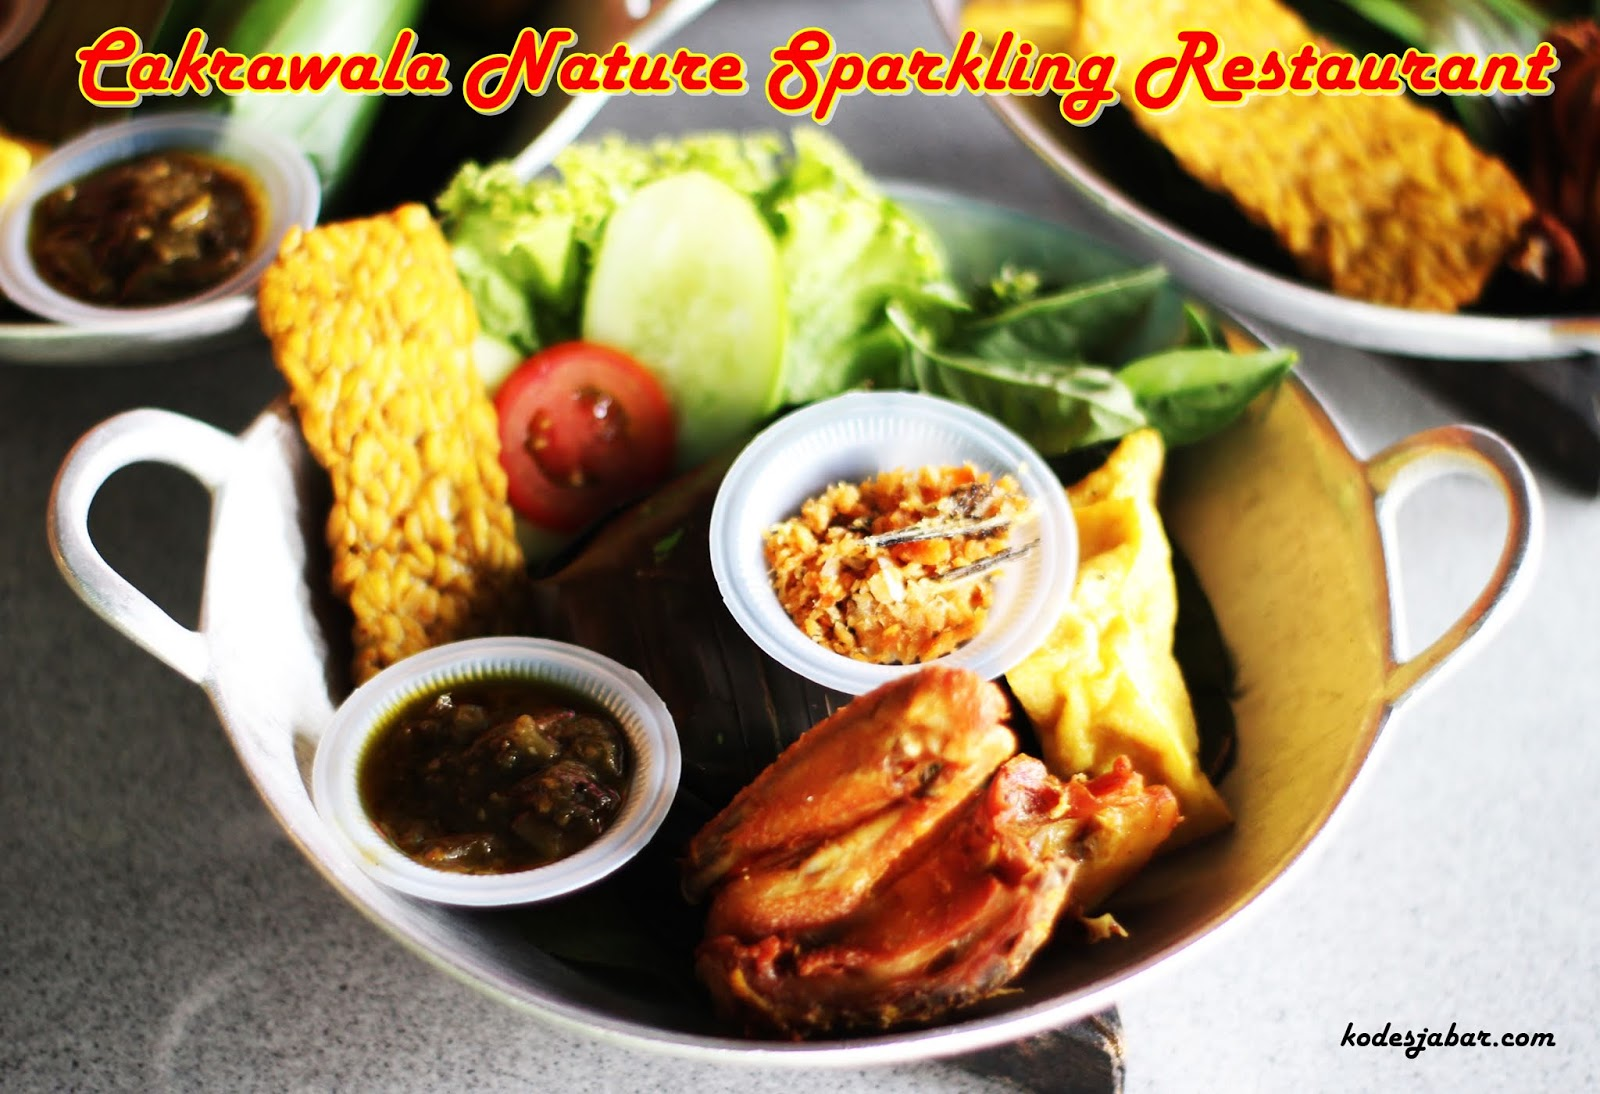 Cakrawala Nature Sparkling Restaurant, Tempat Makan Unik Berkonsep Angkasa Raya